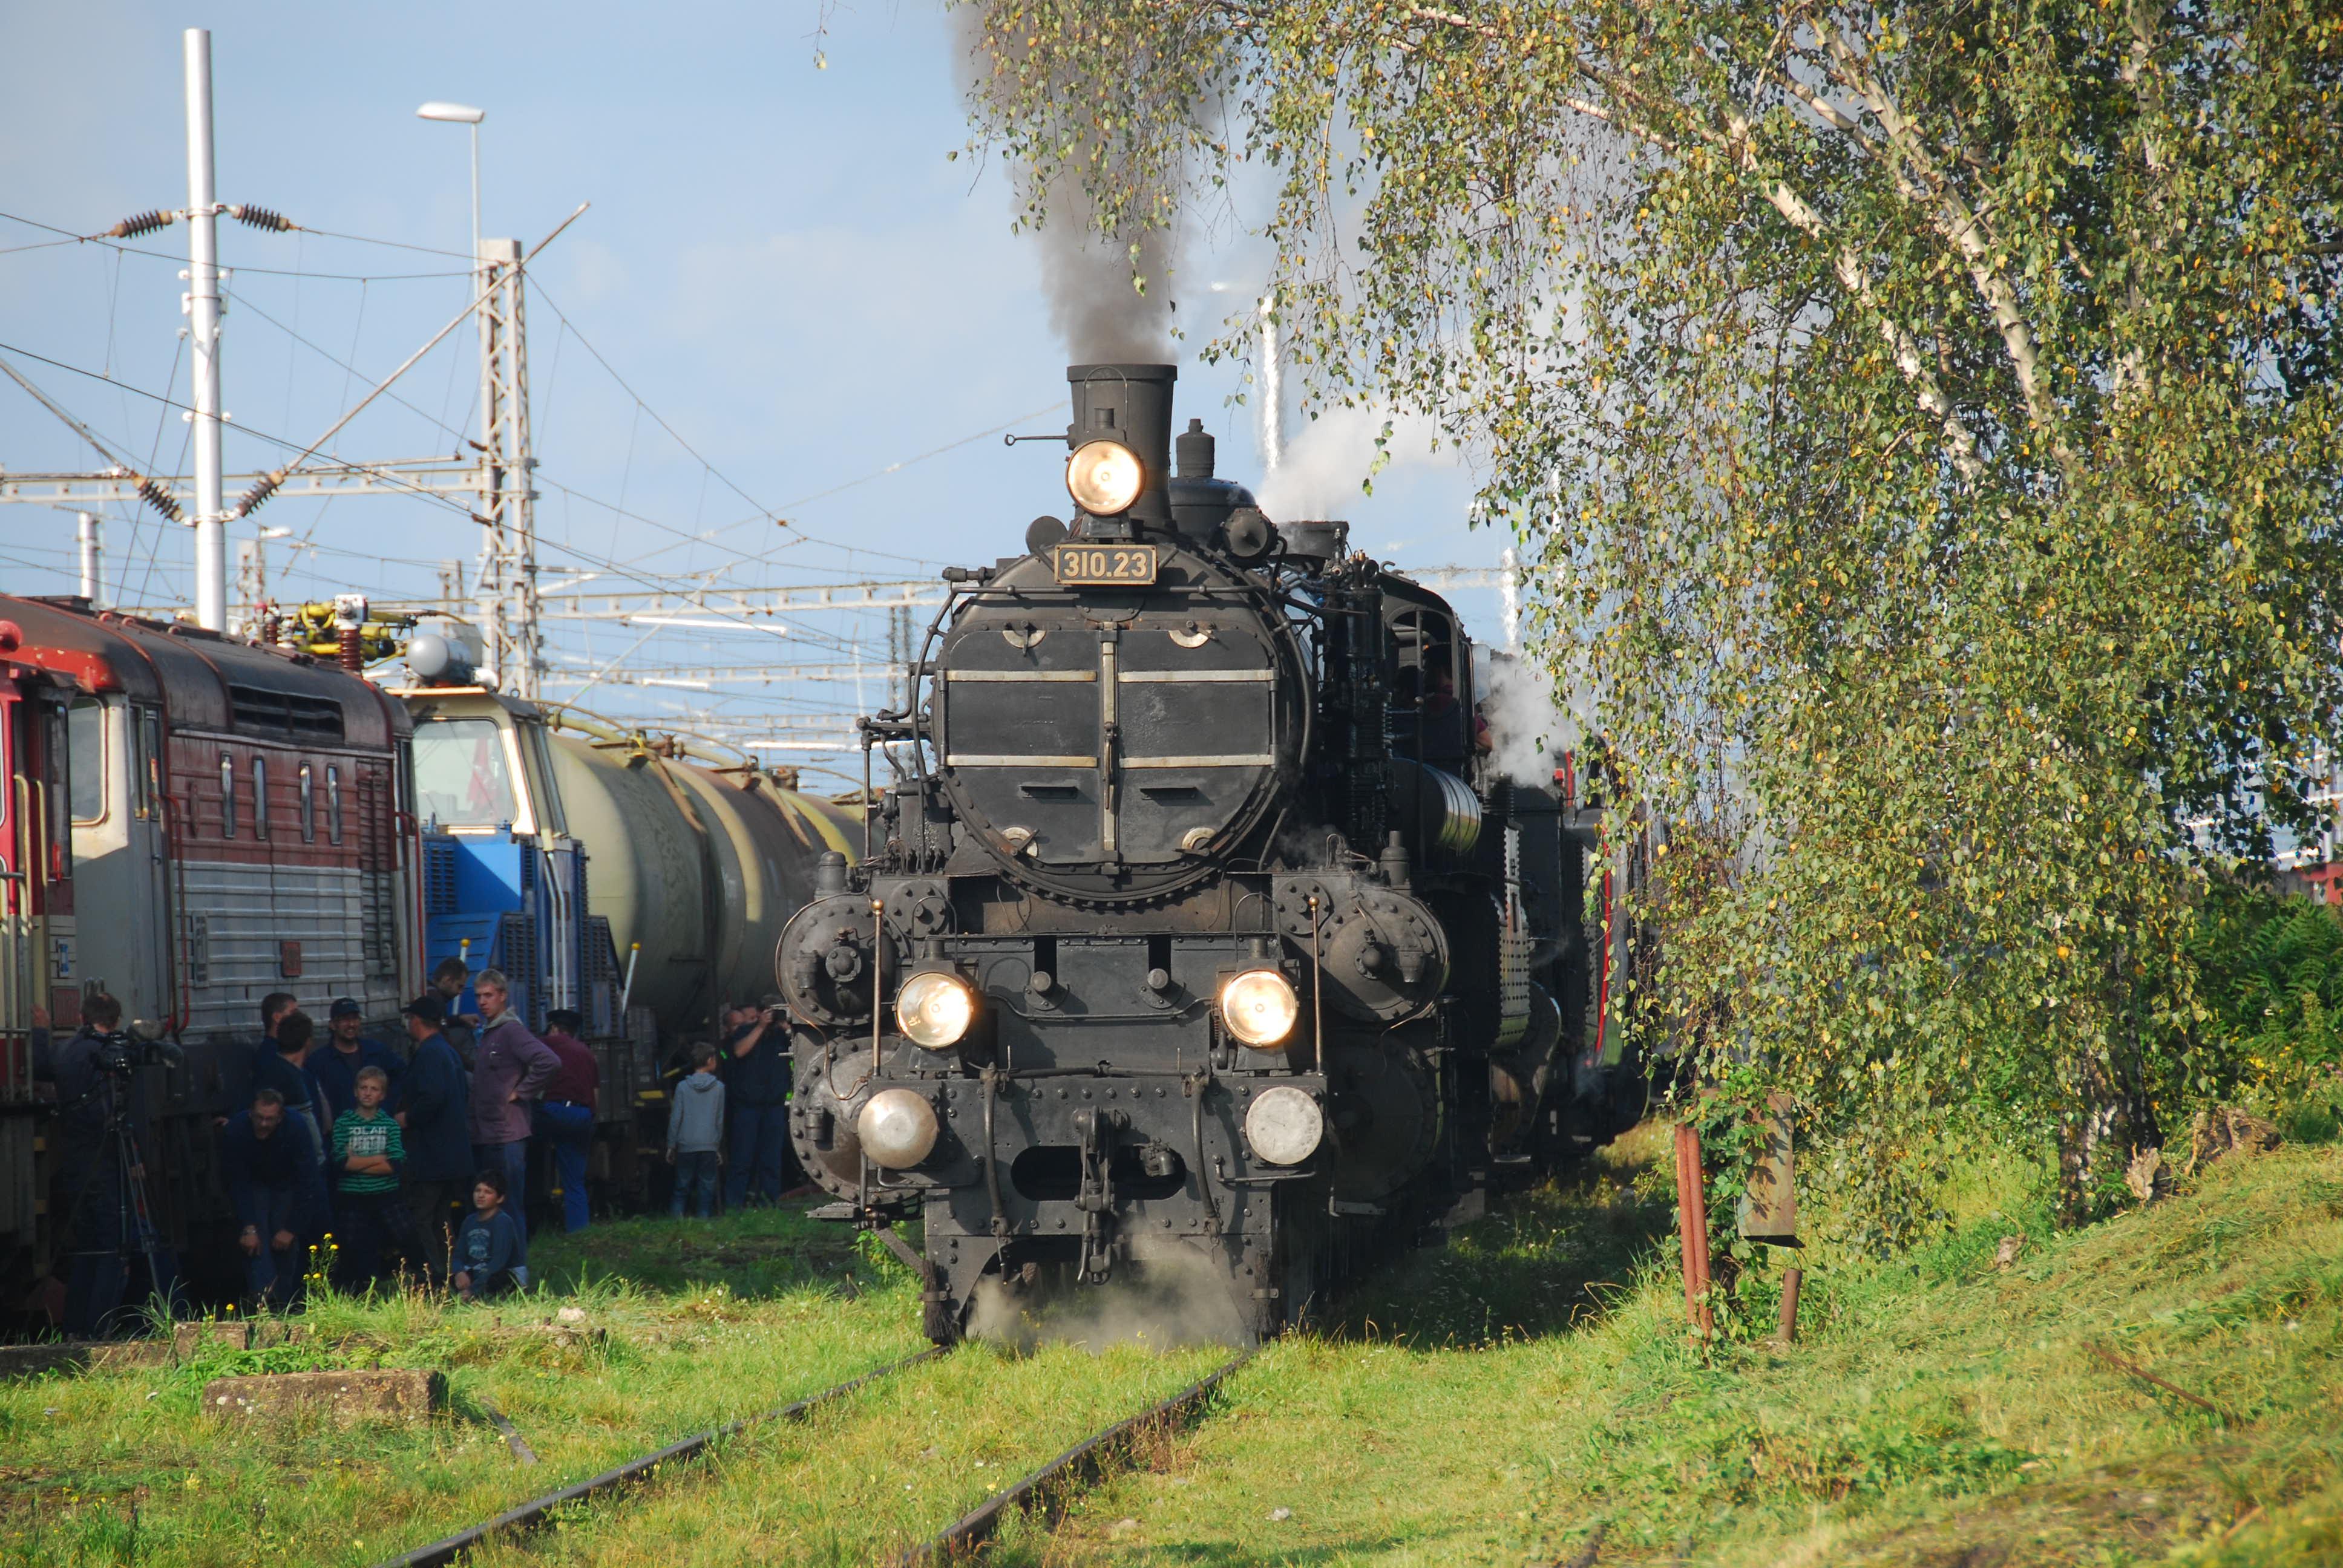 Rakouská - 310.23